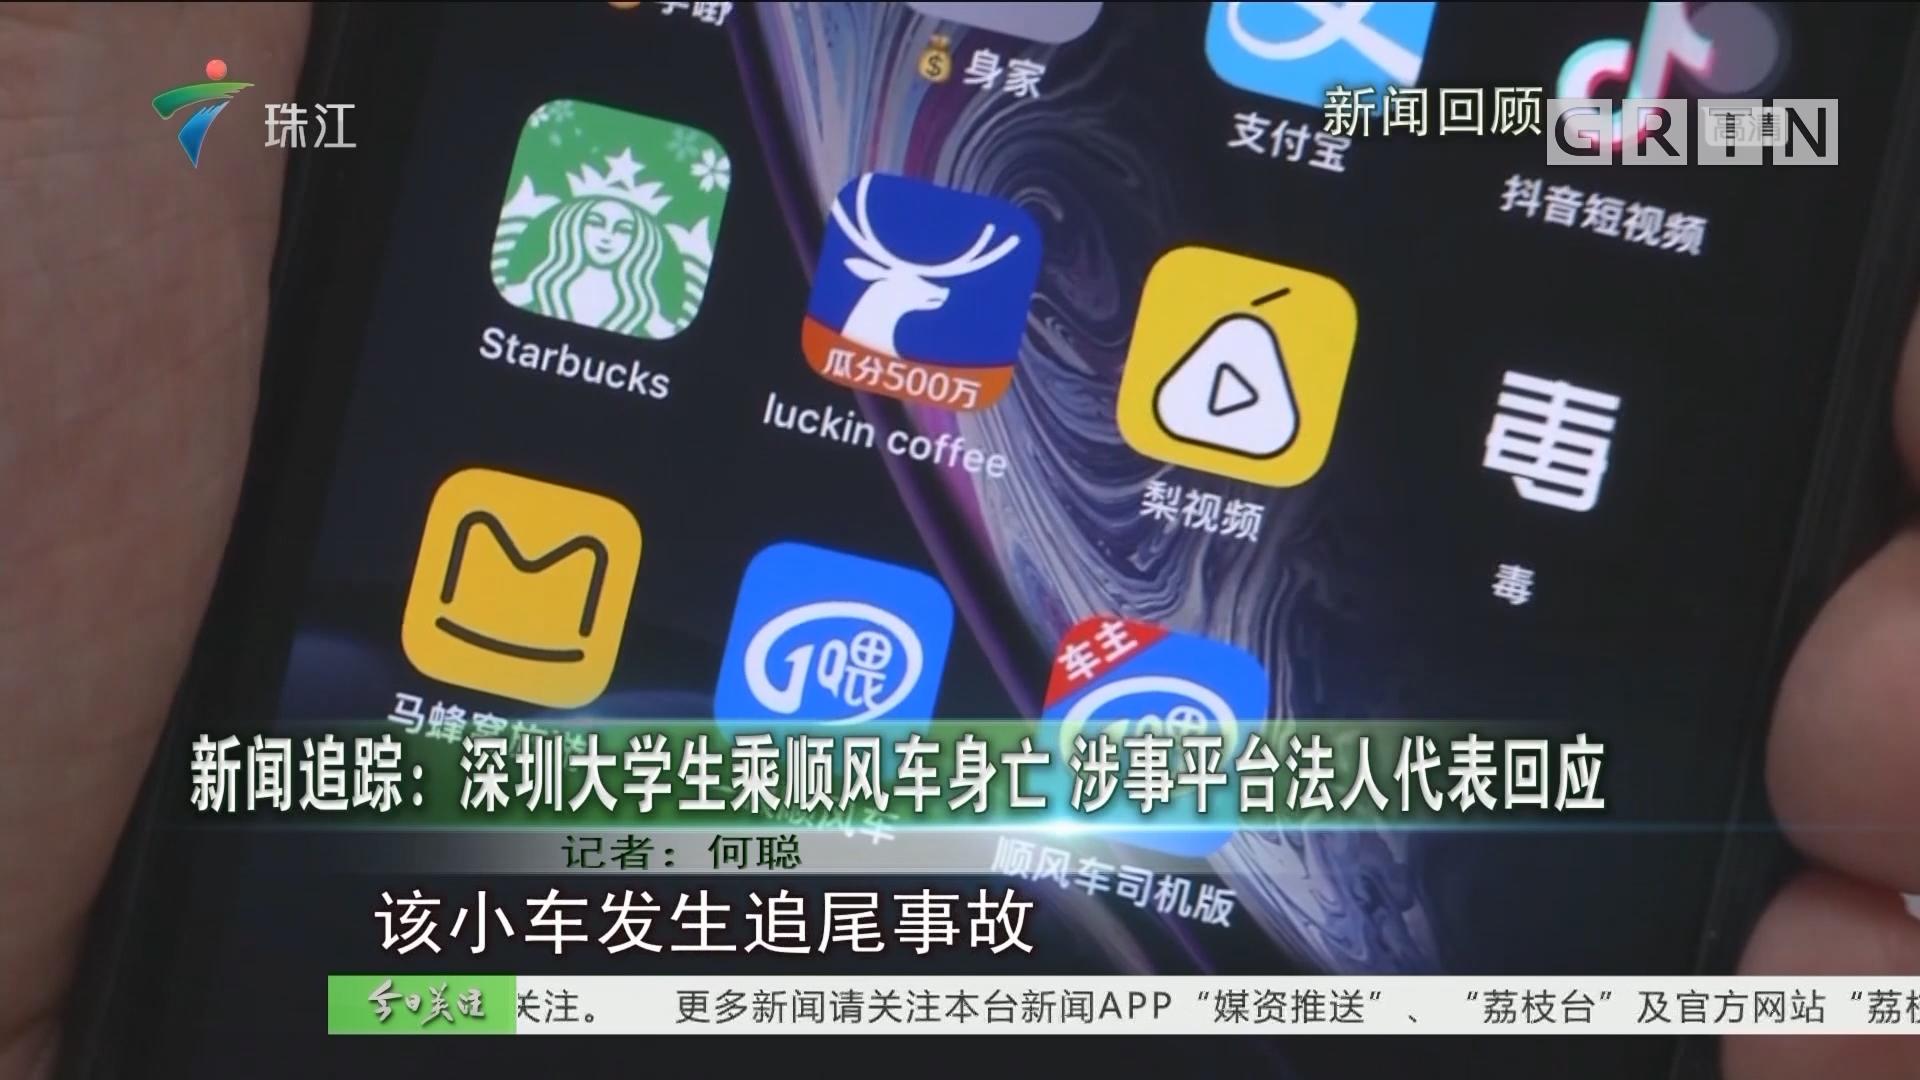 新闻追踪:深圳大学生乘顺风车身亡 涉事平台法人代表回应